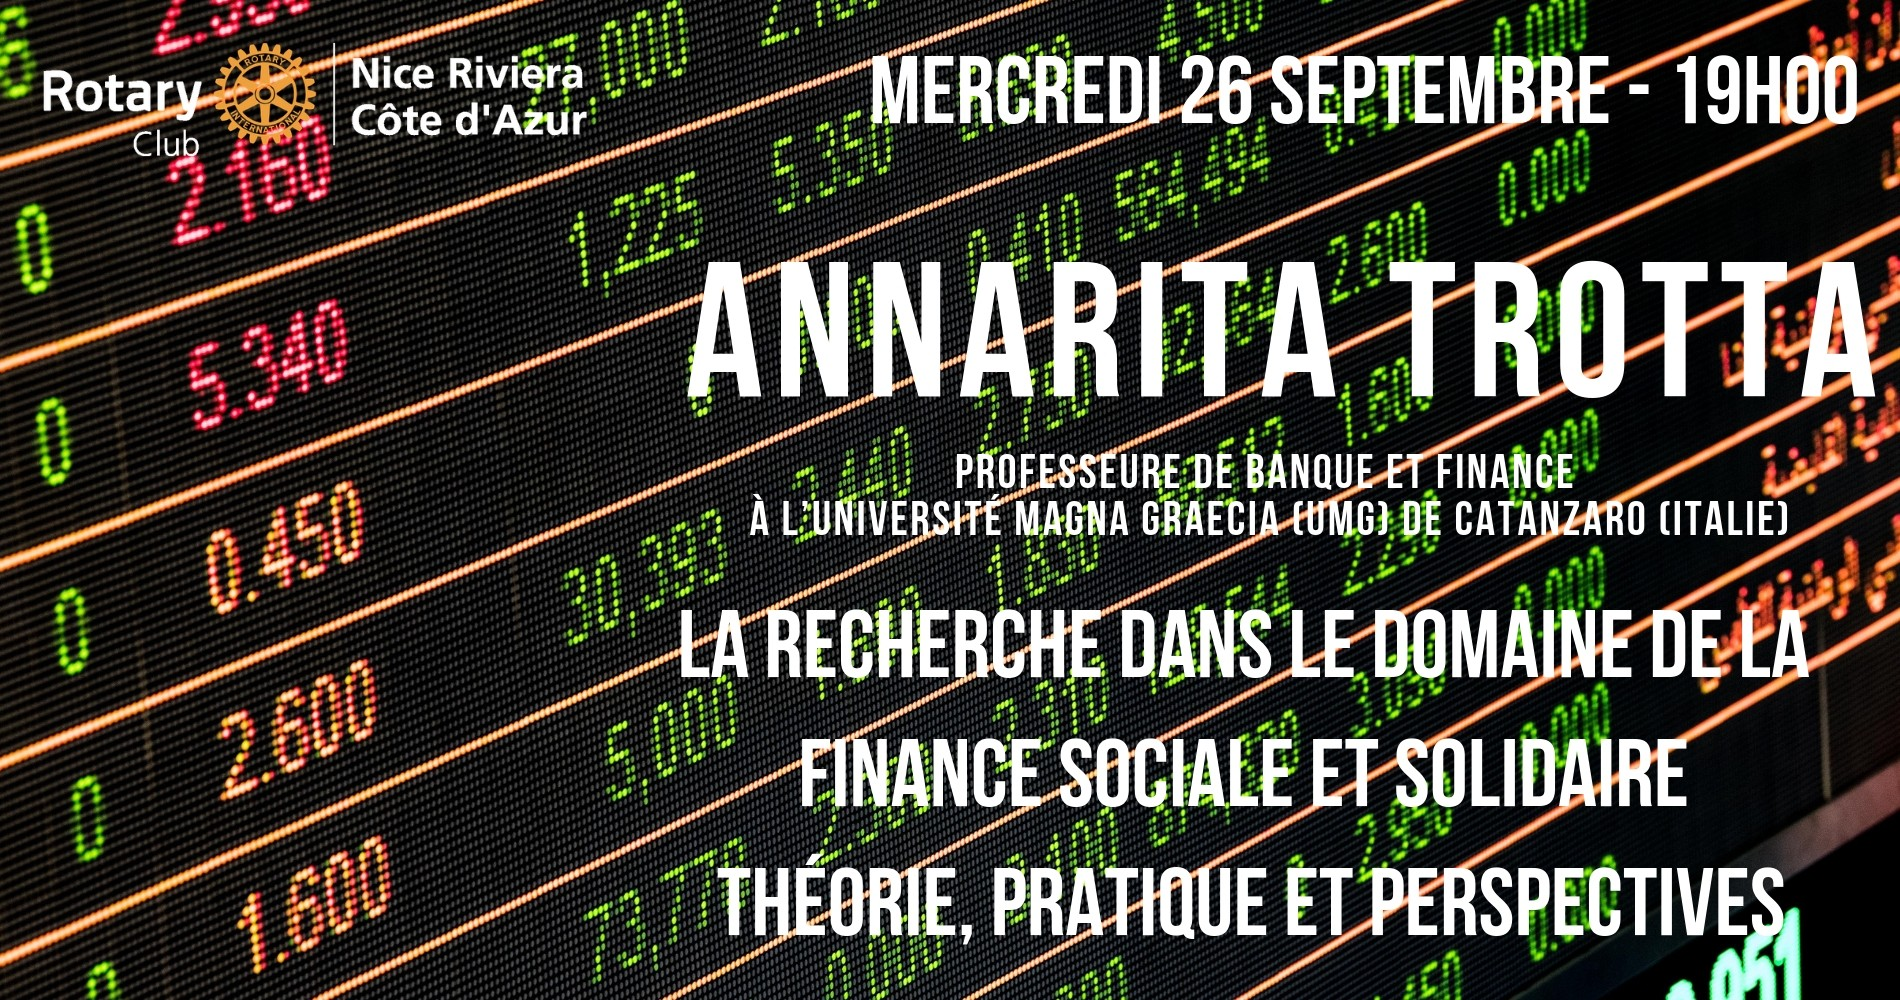 Conference de annarita trotta 1